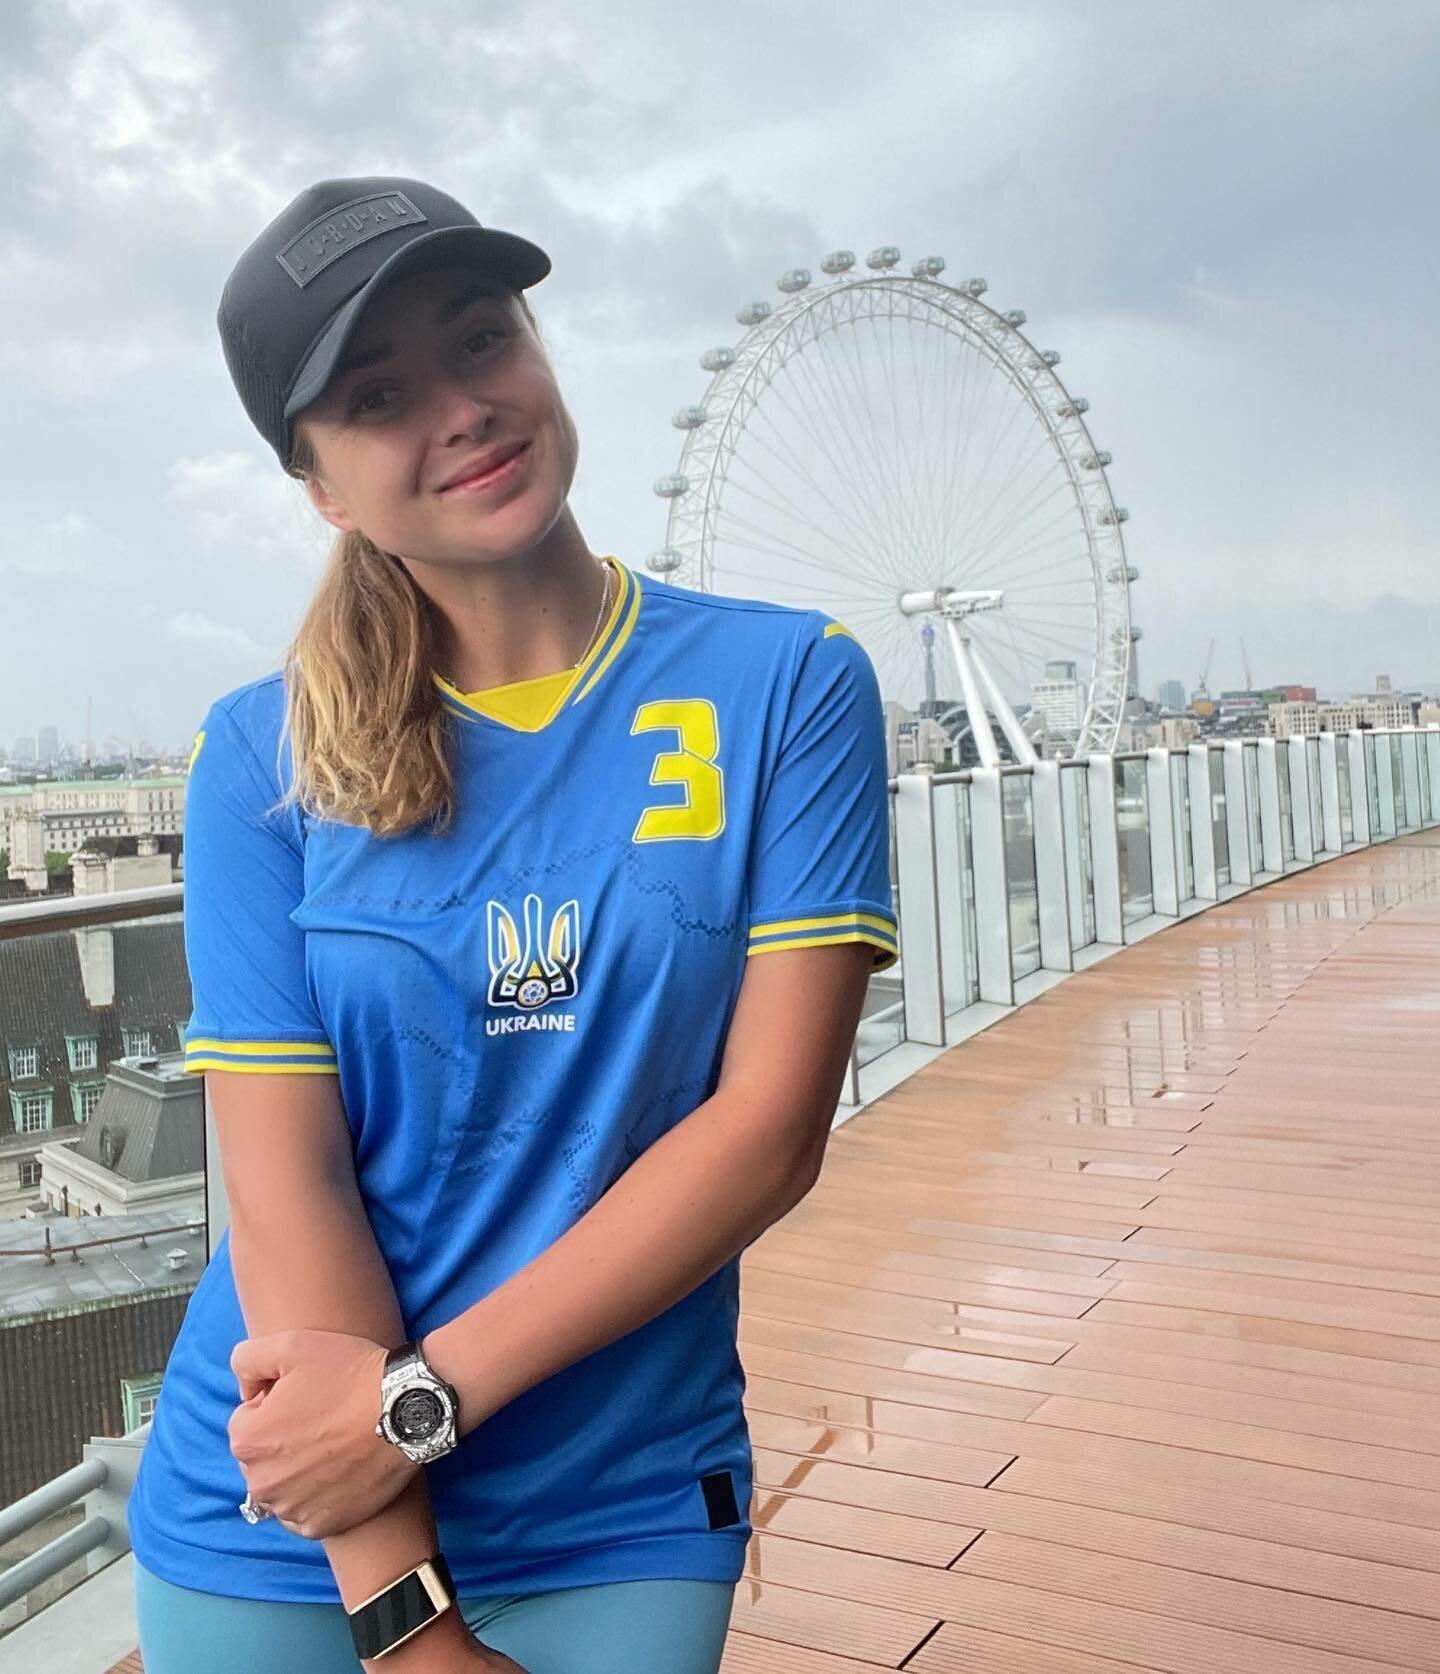 Свитолина в форме сборной Украины по футболу.